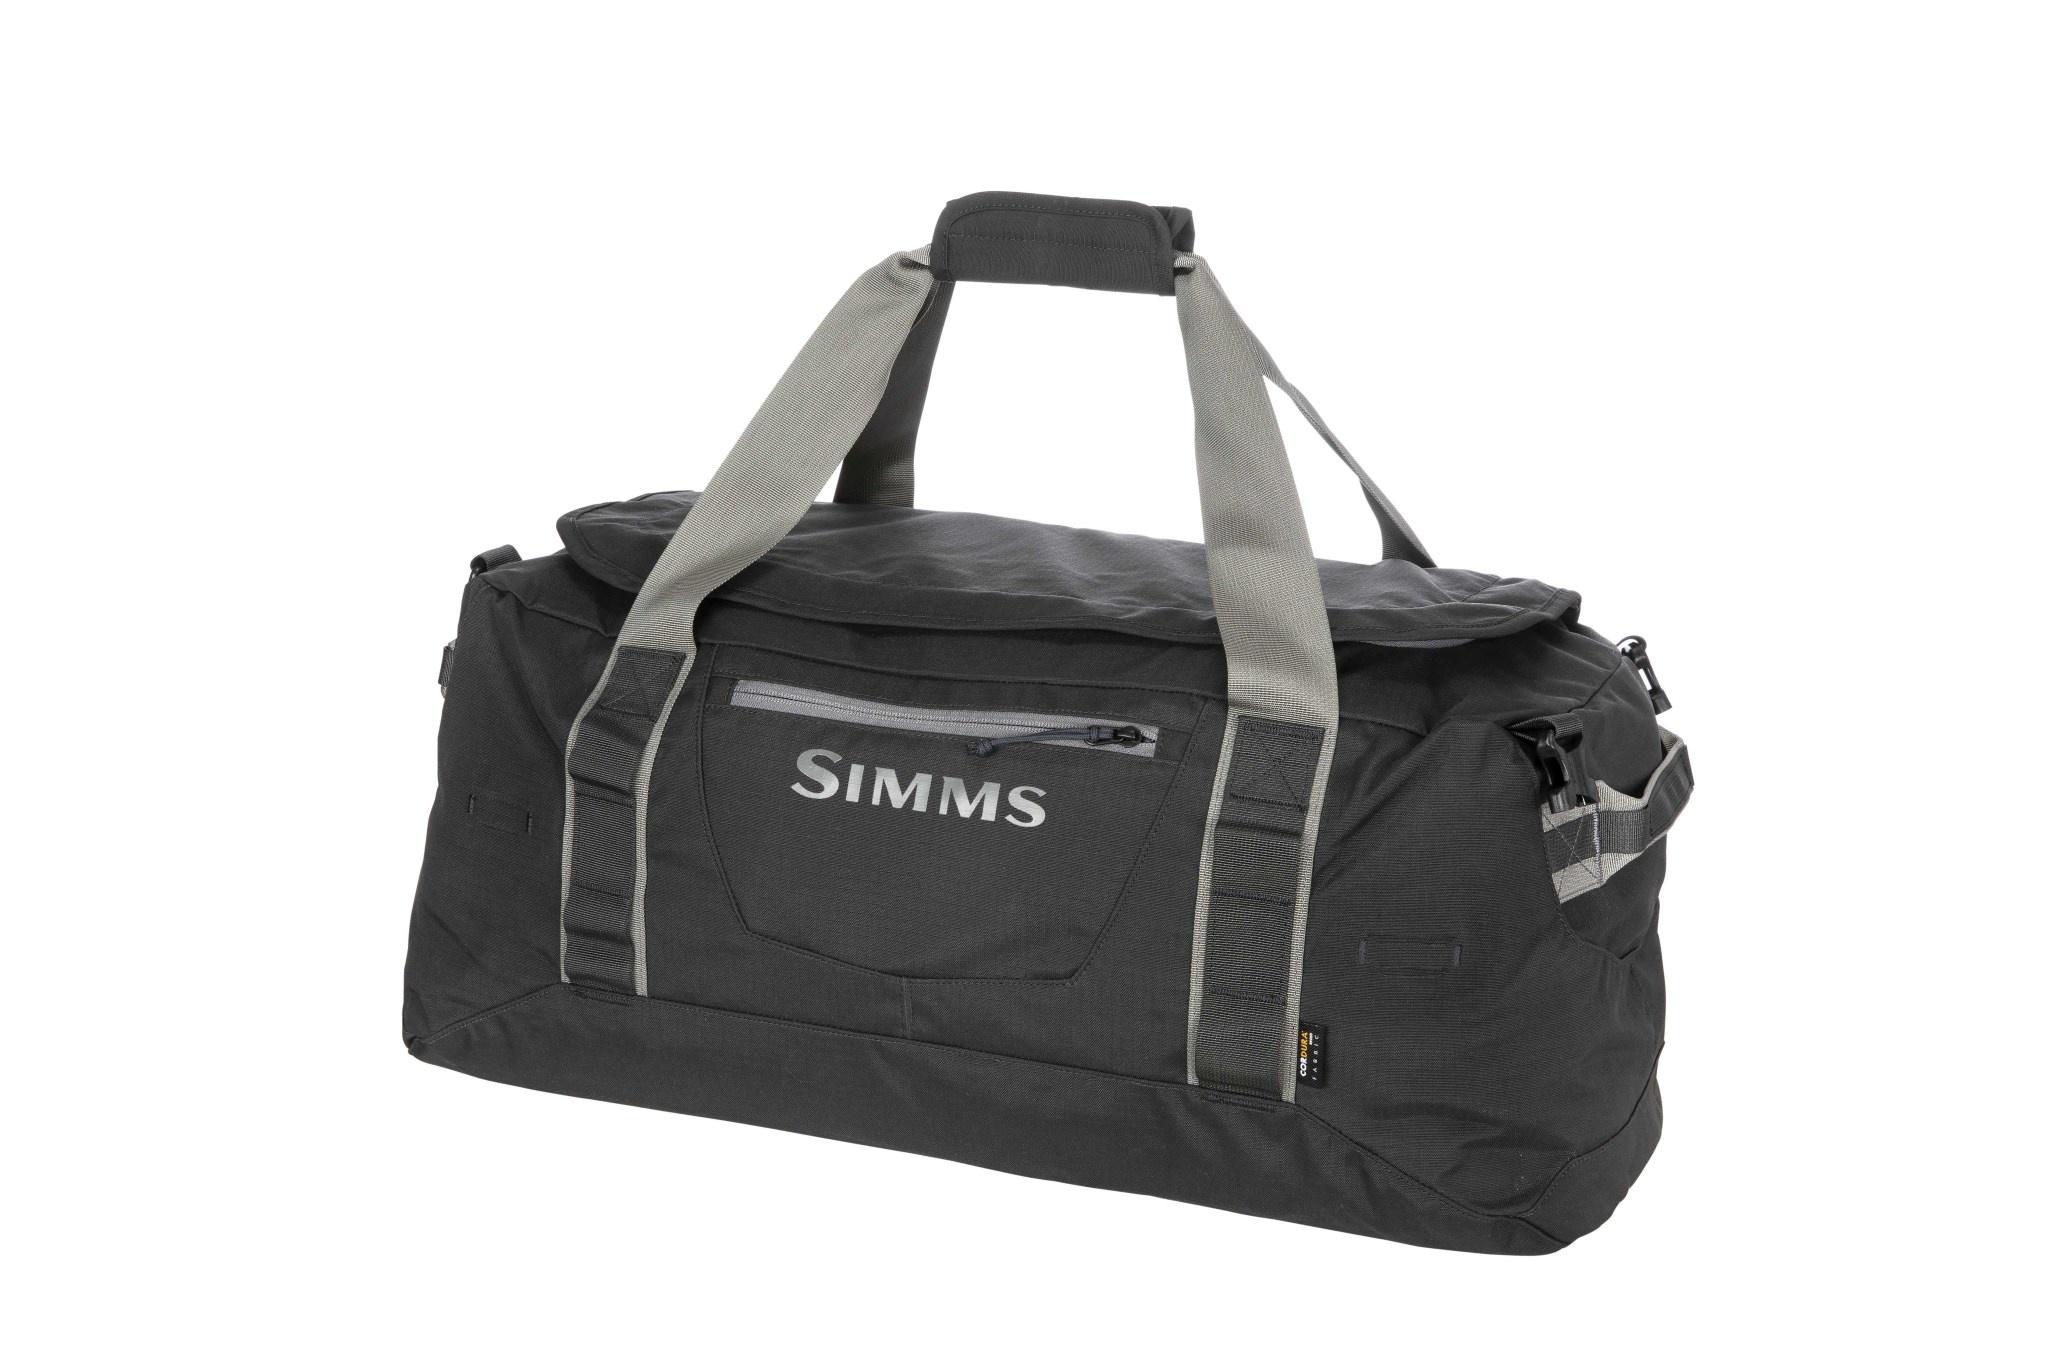 Simms Simms GTS Gear Duffel - 50L